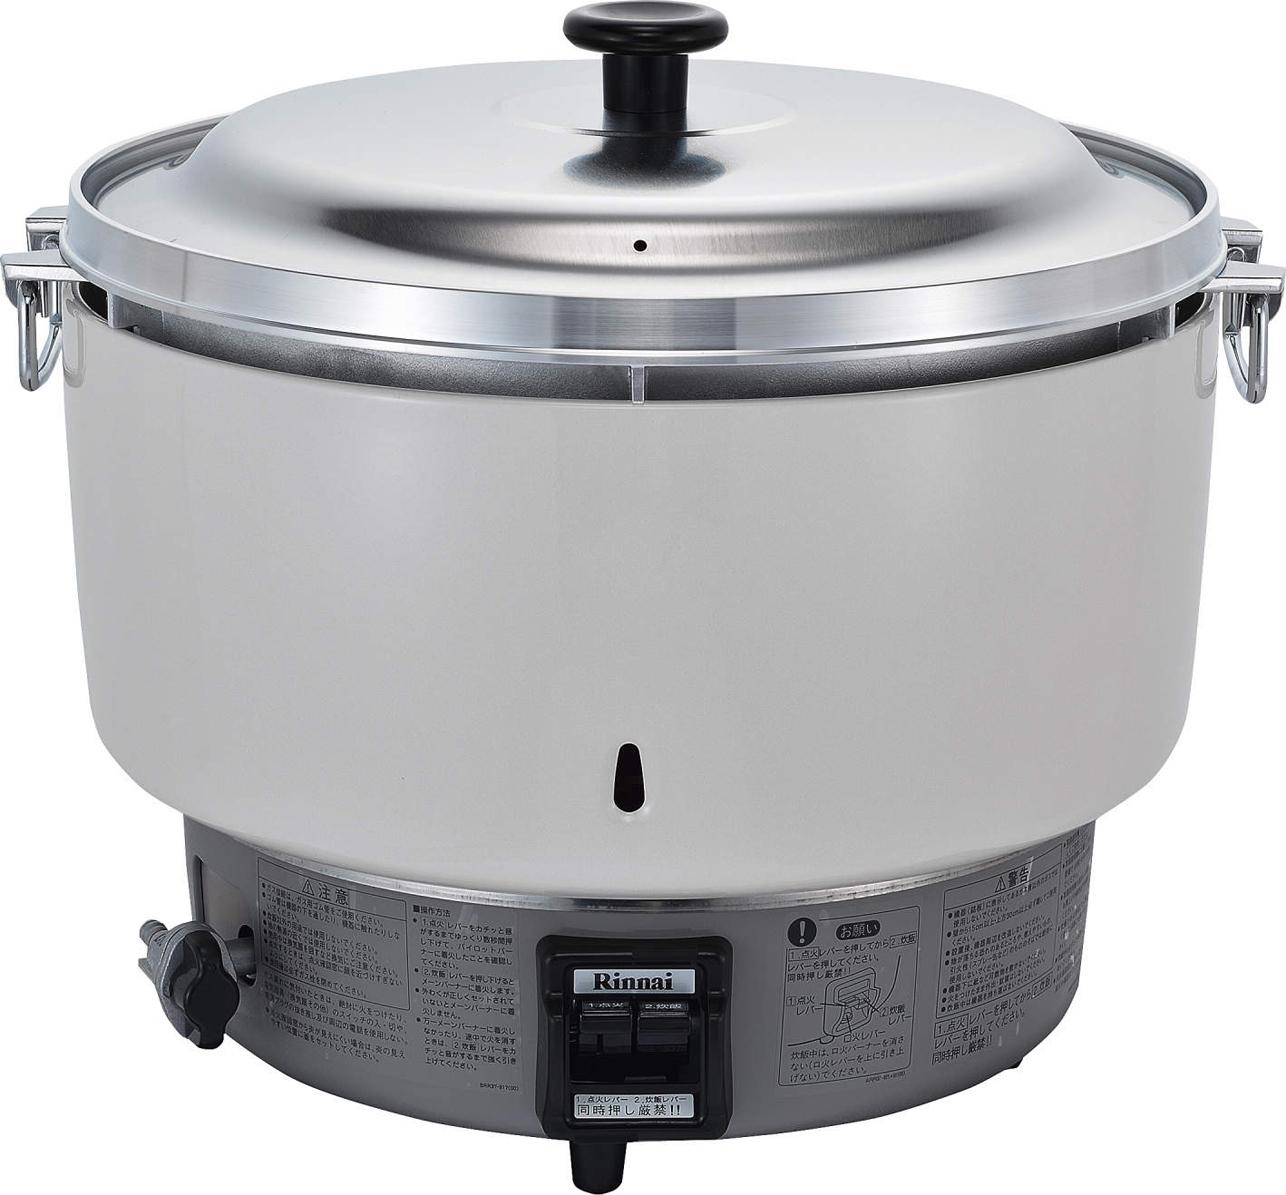 リンナイ ガス炊飯器 【RR-50S1-F】5升 10.0L 卓上型(普及タイプ)(RR50S1F)